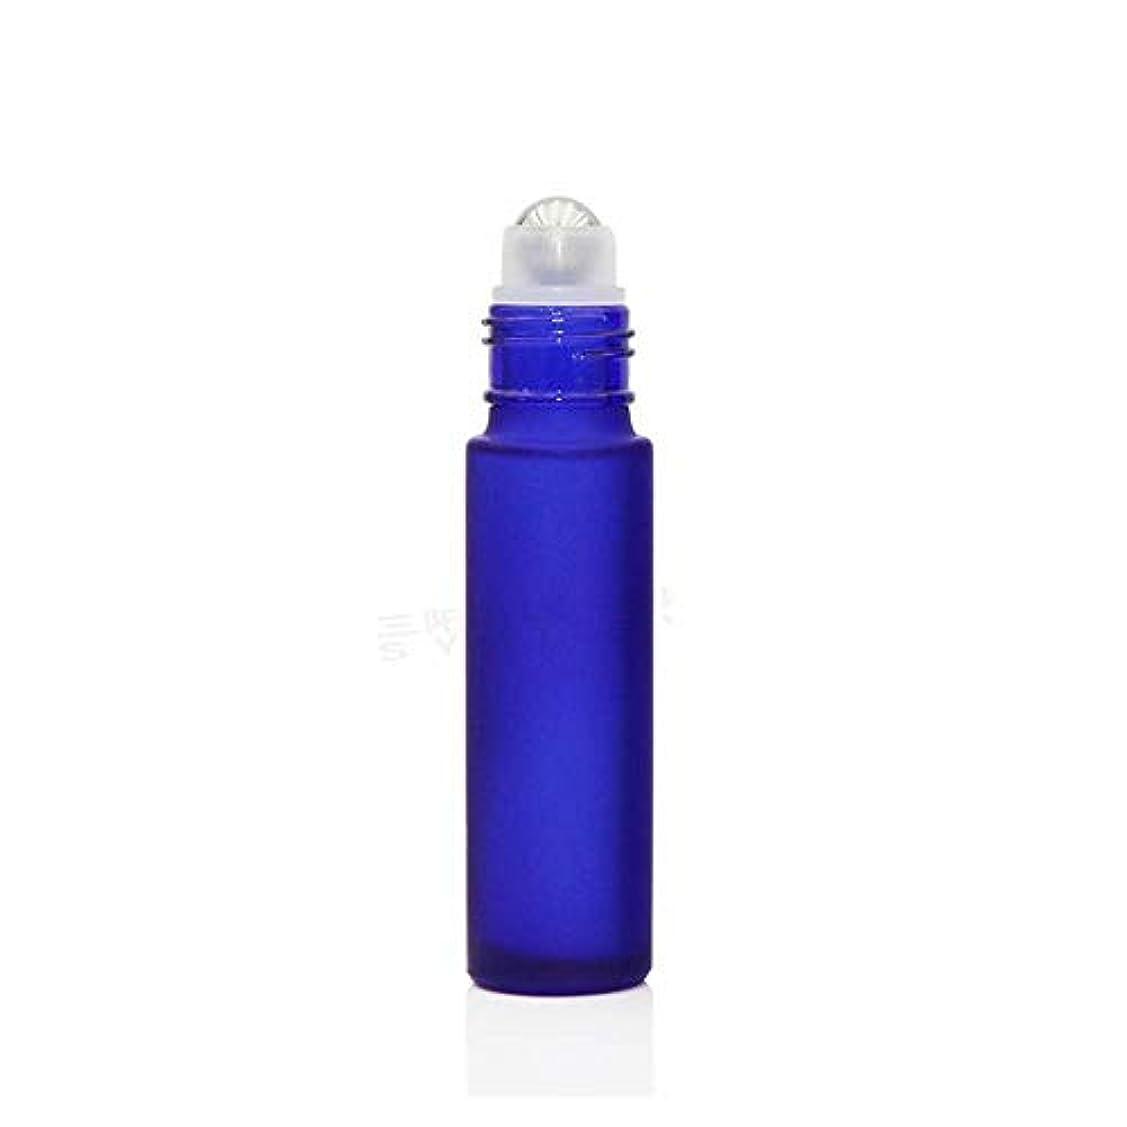 する必要がある家具ペルセウスgundoop ロールオンボトル アロマオイル 精油 小分け用 遮光瓶 10ml 10本セット ガラスロールタイプ (ブルー)